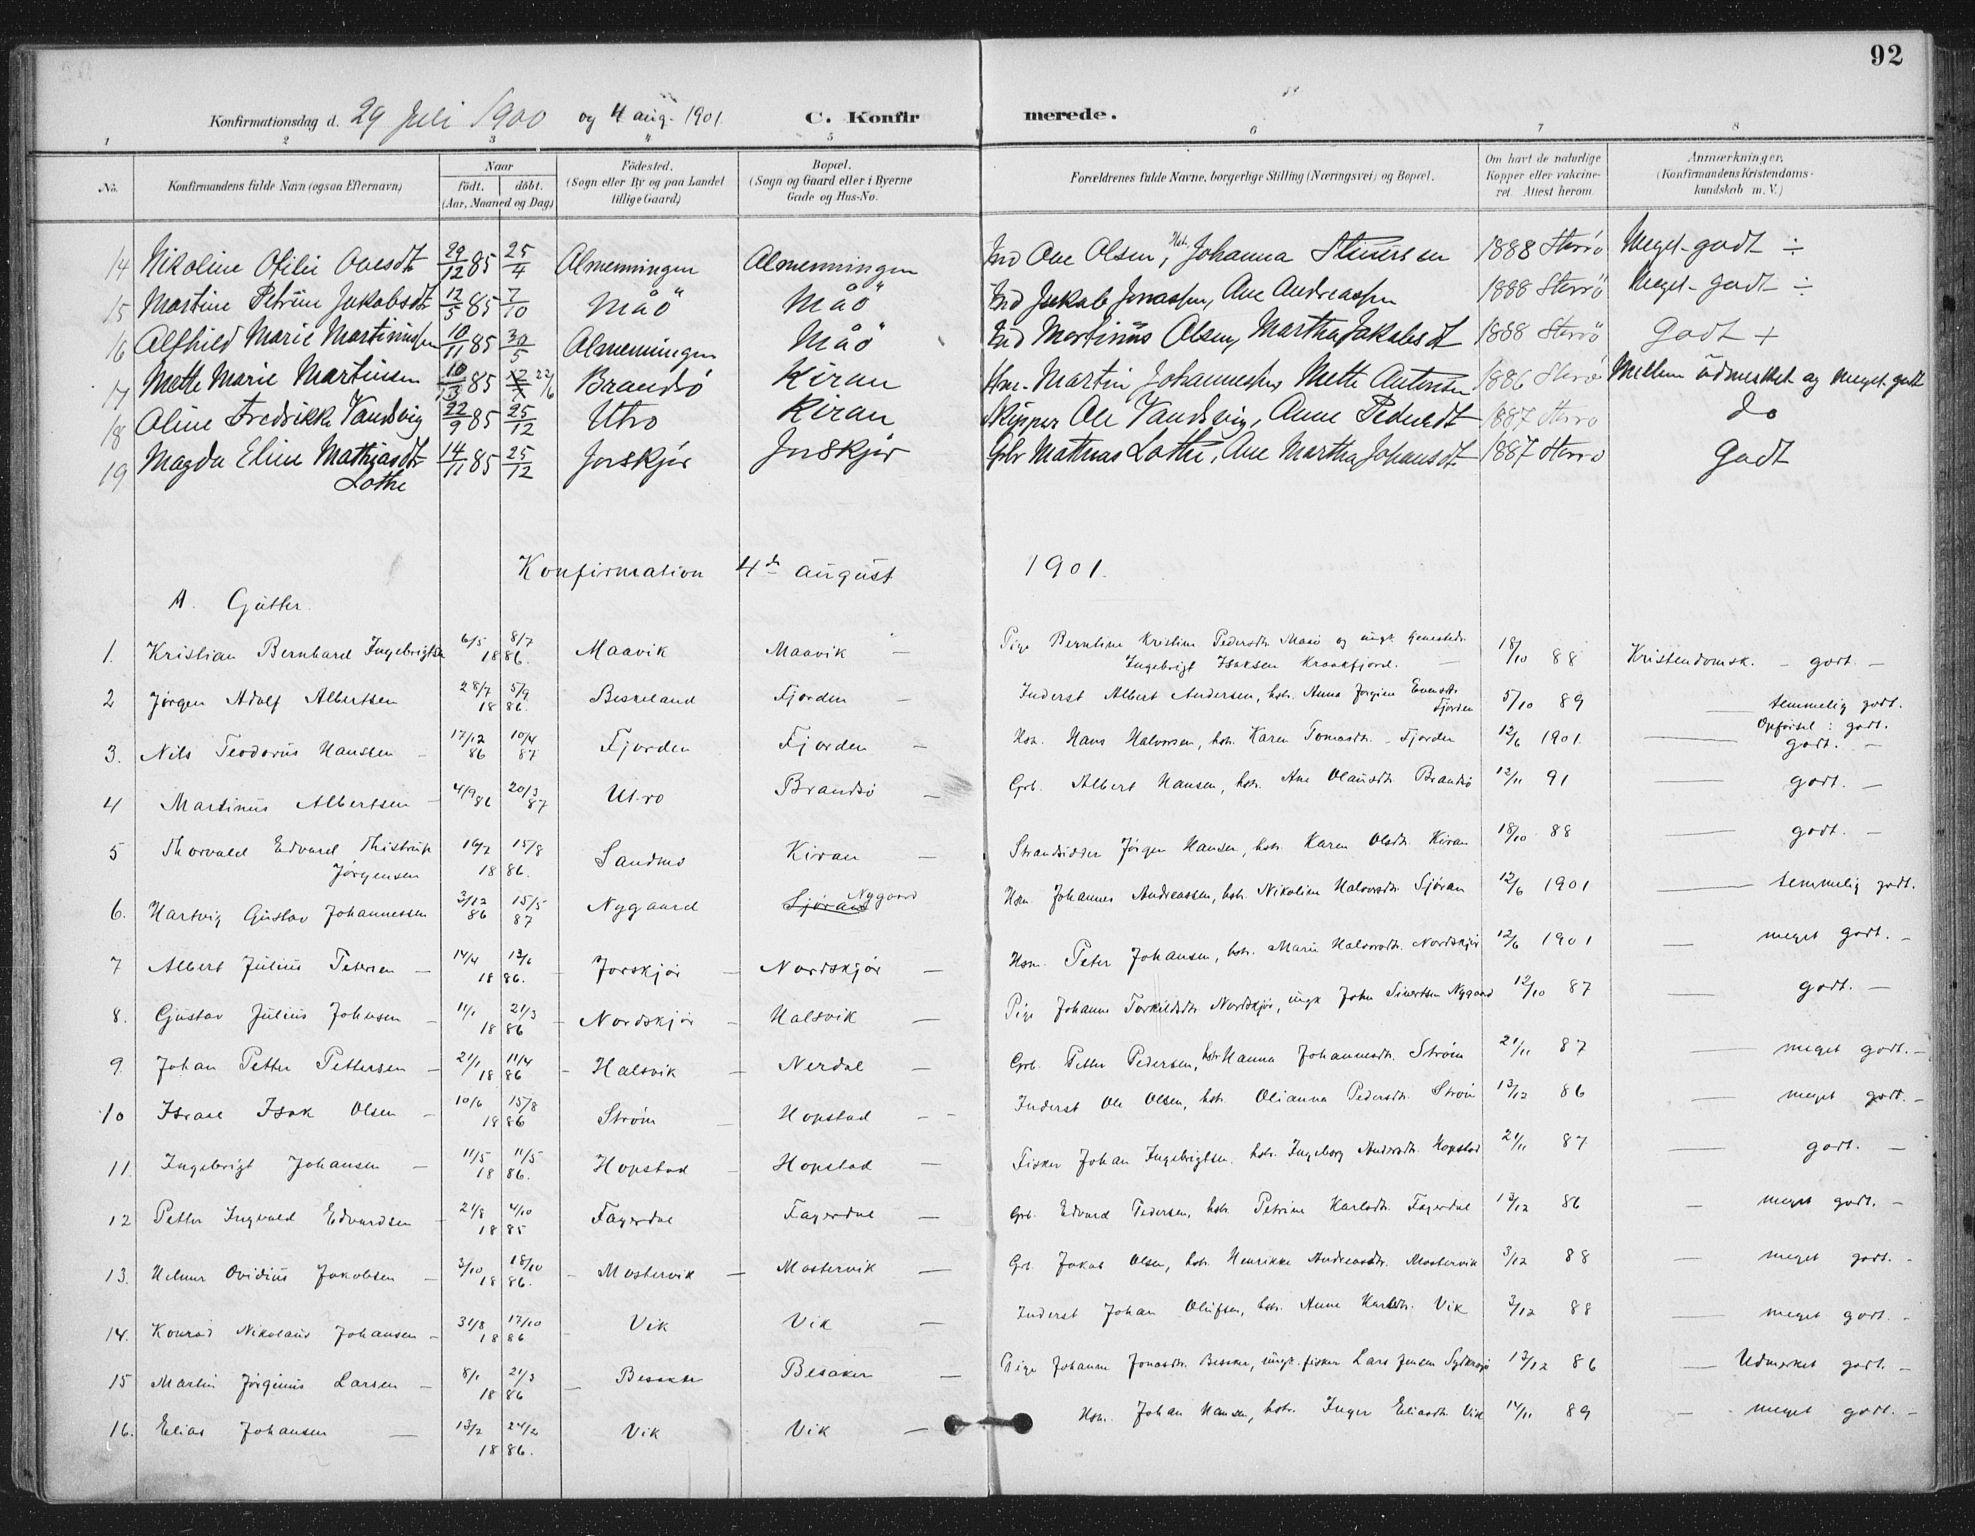 SAT, Ministerialprotokoller, klokkerbøker og fødselsregistre - Sør-Trøndelag, 657/L0708: Ministerialbok nr. 657A09, 1894-1904, s. 92